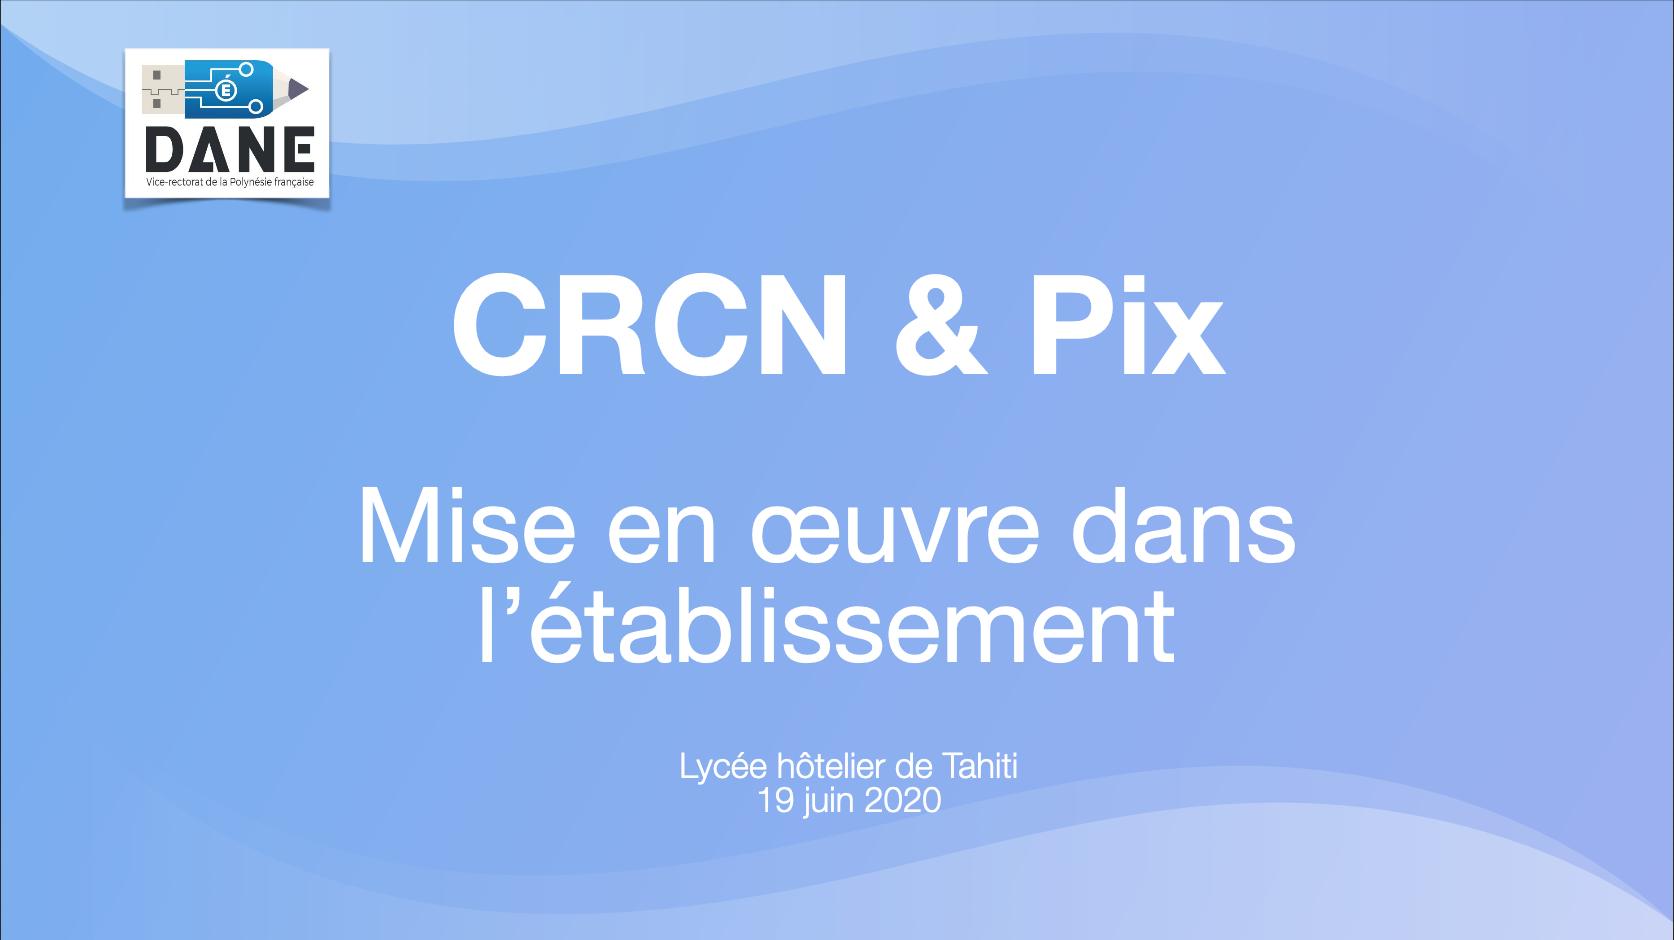 CRCN & Pix mise en œuvre dans l'établissement - DANE